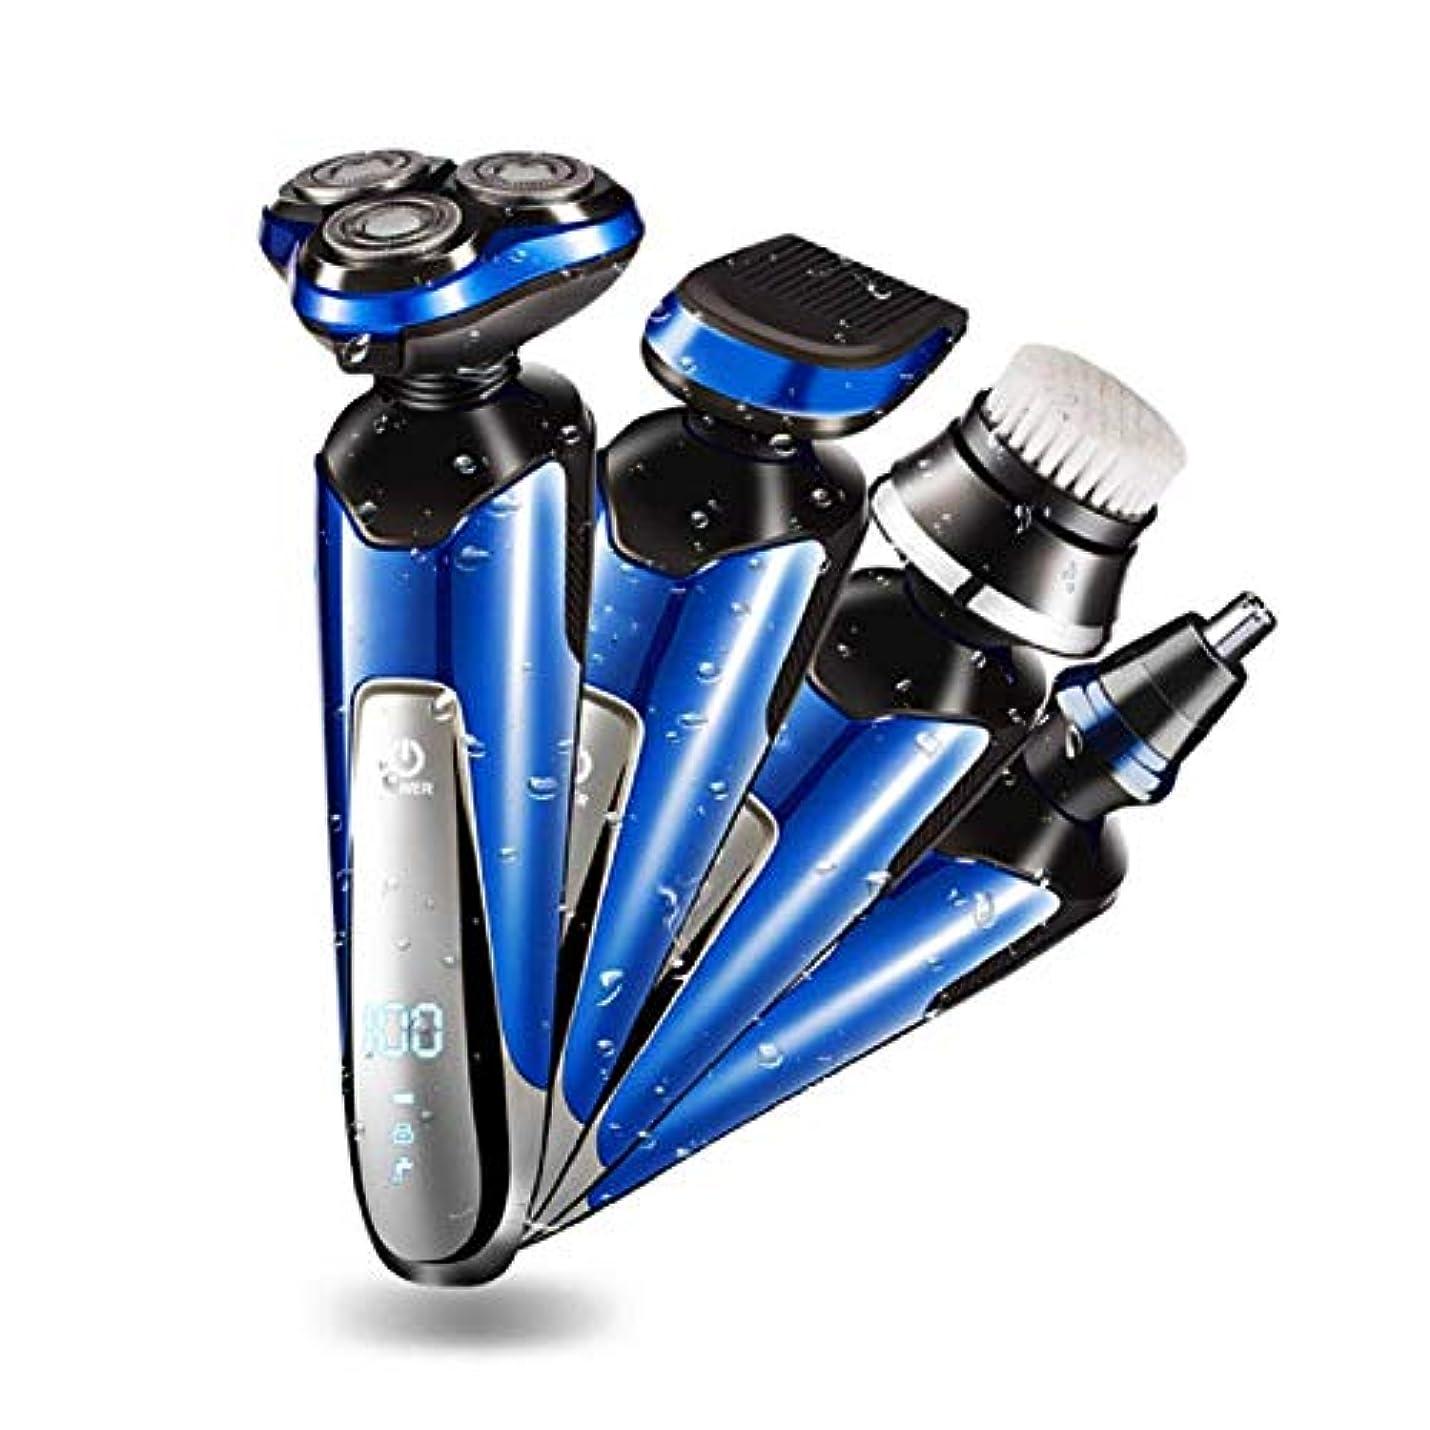 処理機密減る4-in-1多機能メンズ電気シェーバートリマー、回転ひげ鼻毛トリマーウォッシュブラシ防水ウェットとドライのデュアルユースUSB充電式シェービングマシン